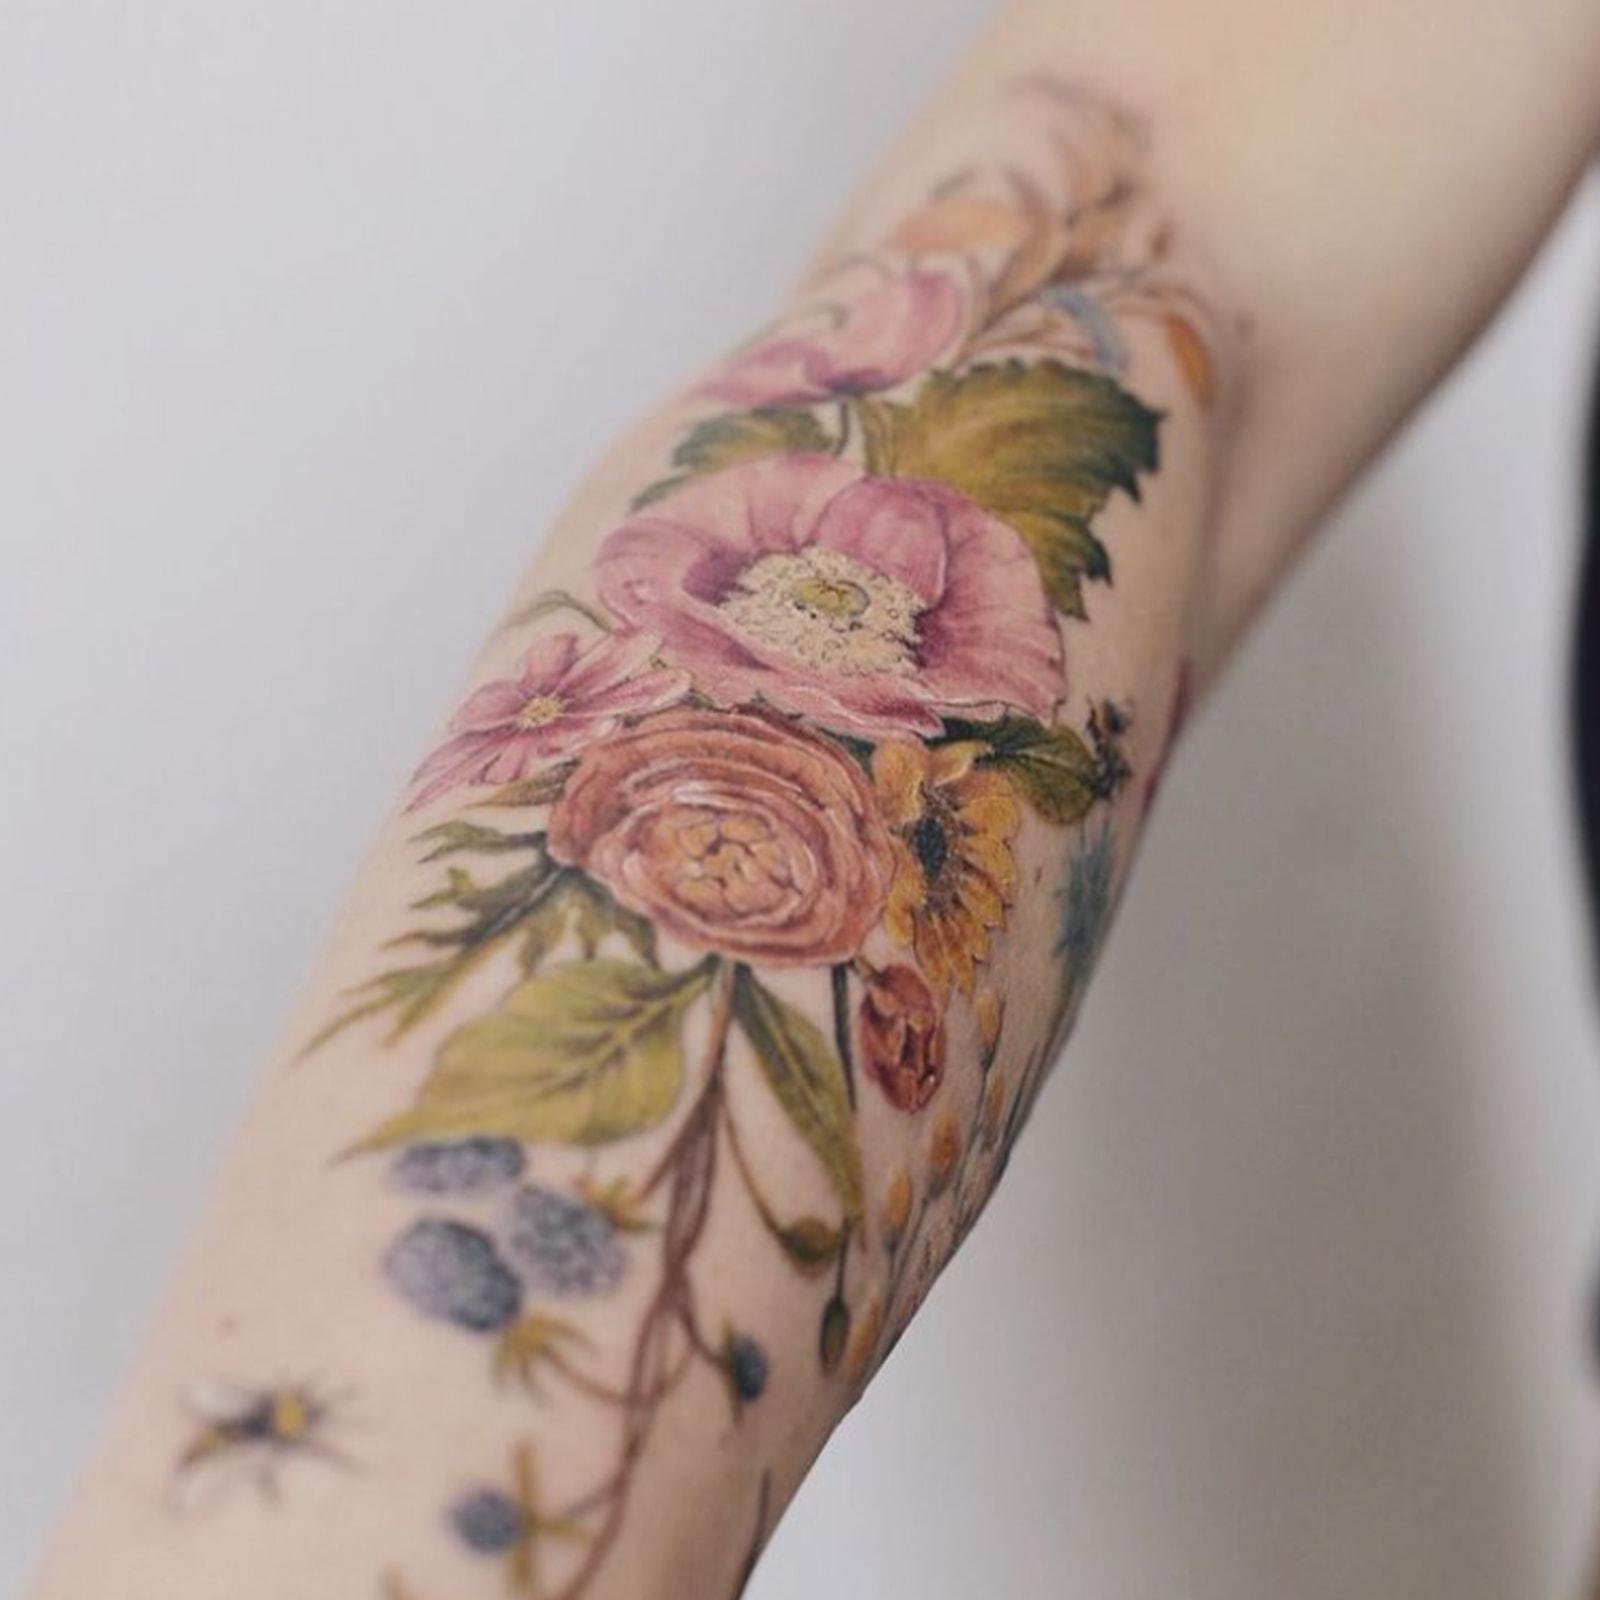 3 professoras da Domestika revelam as suas tatuadoras favoritas